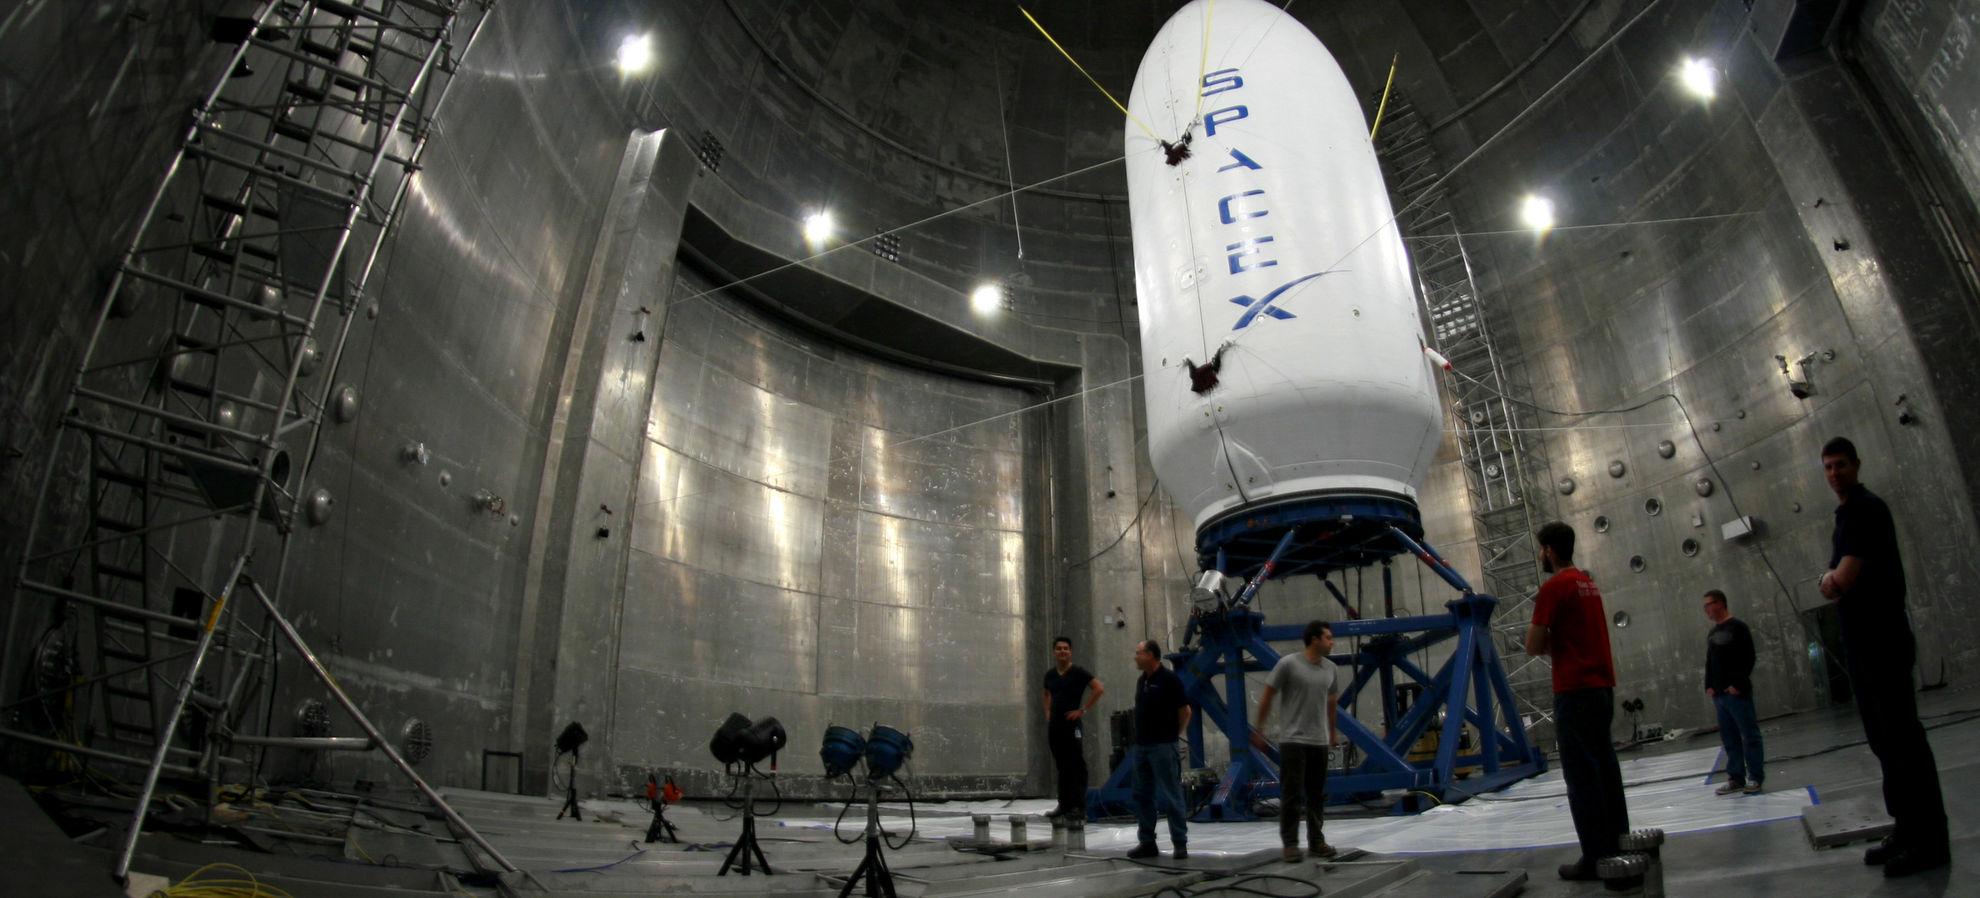 Page enfant : Deux touristes veulent voir la lune, Space X leur propose un vol